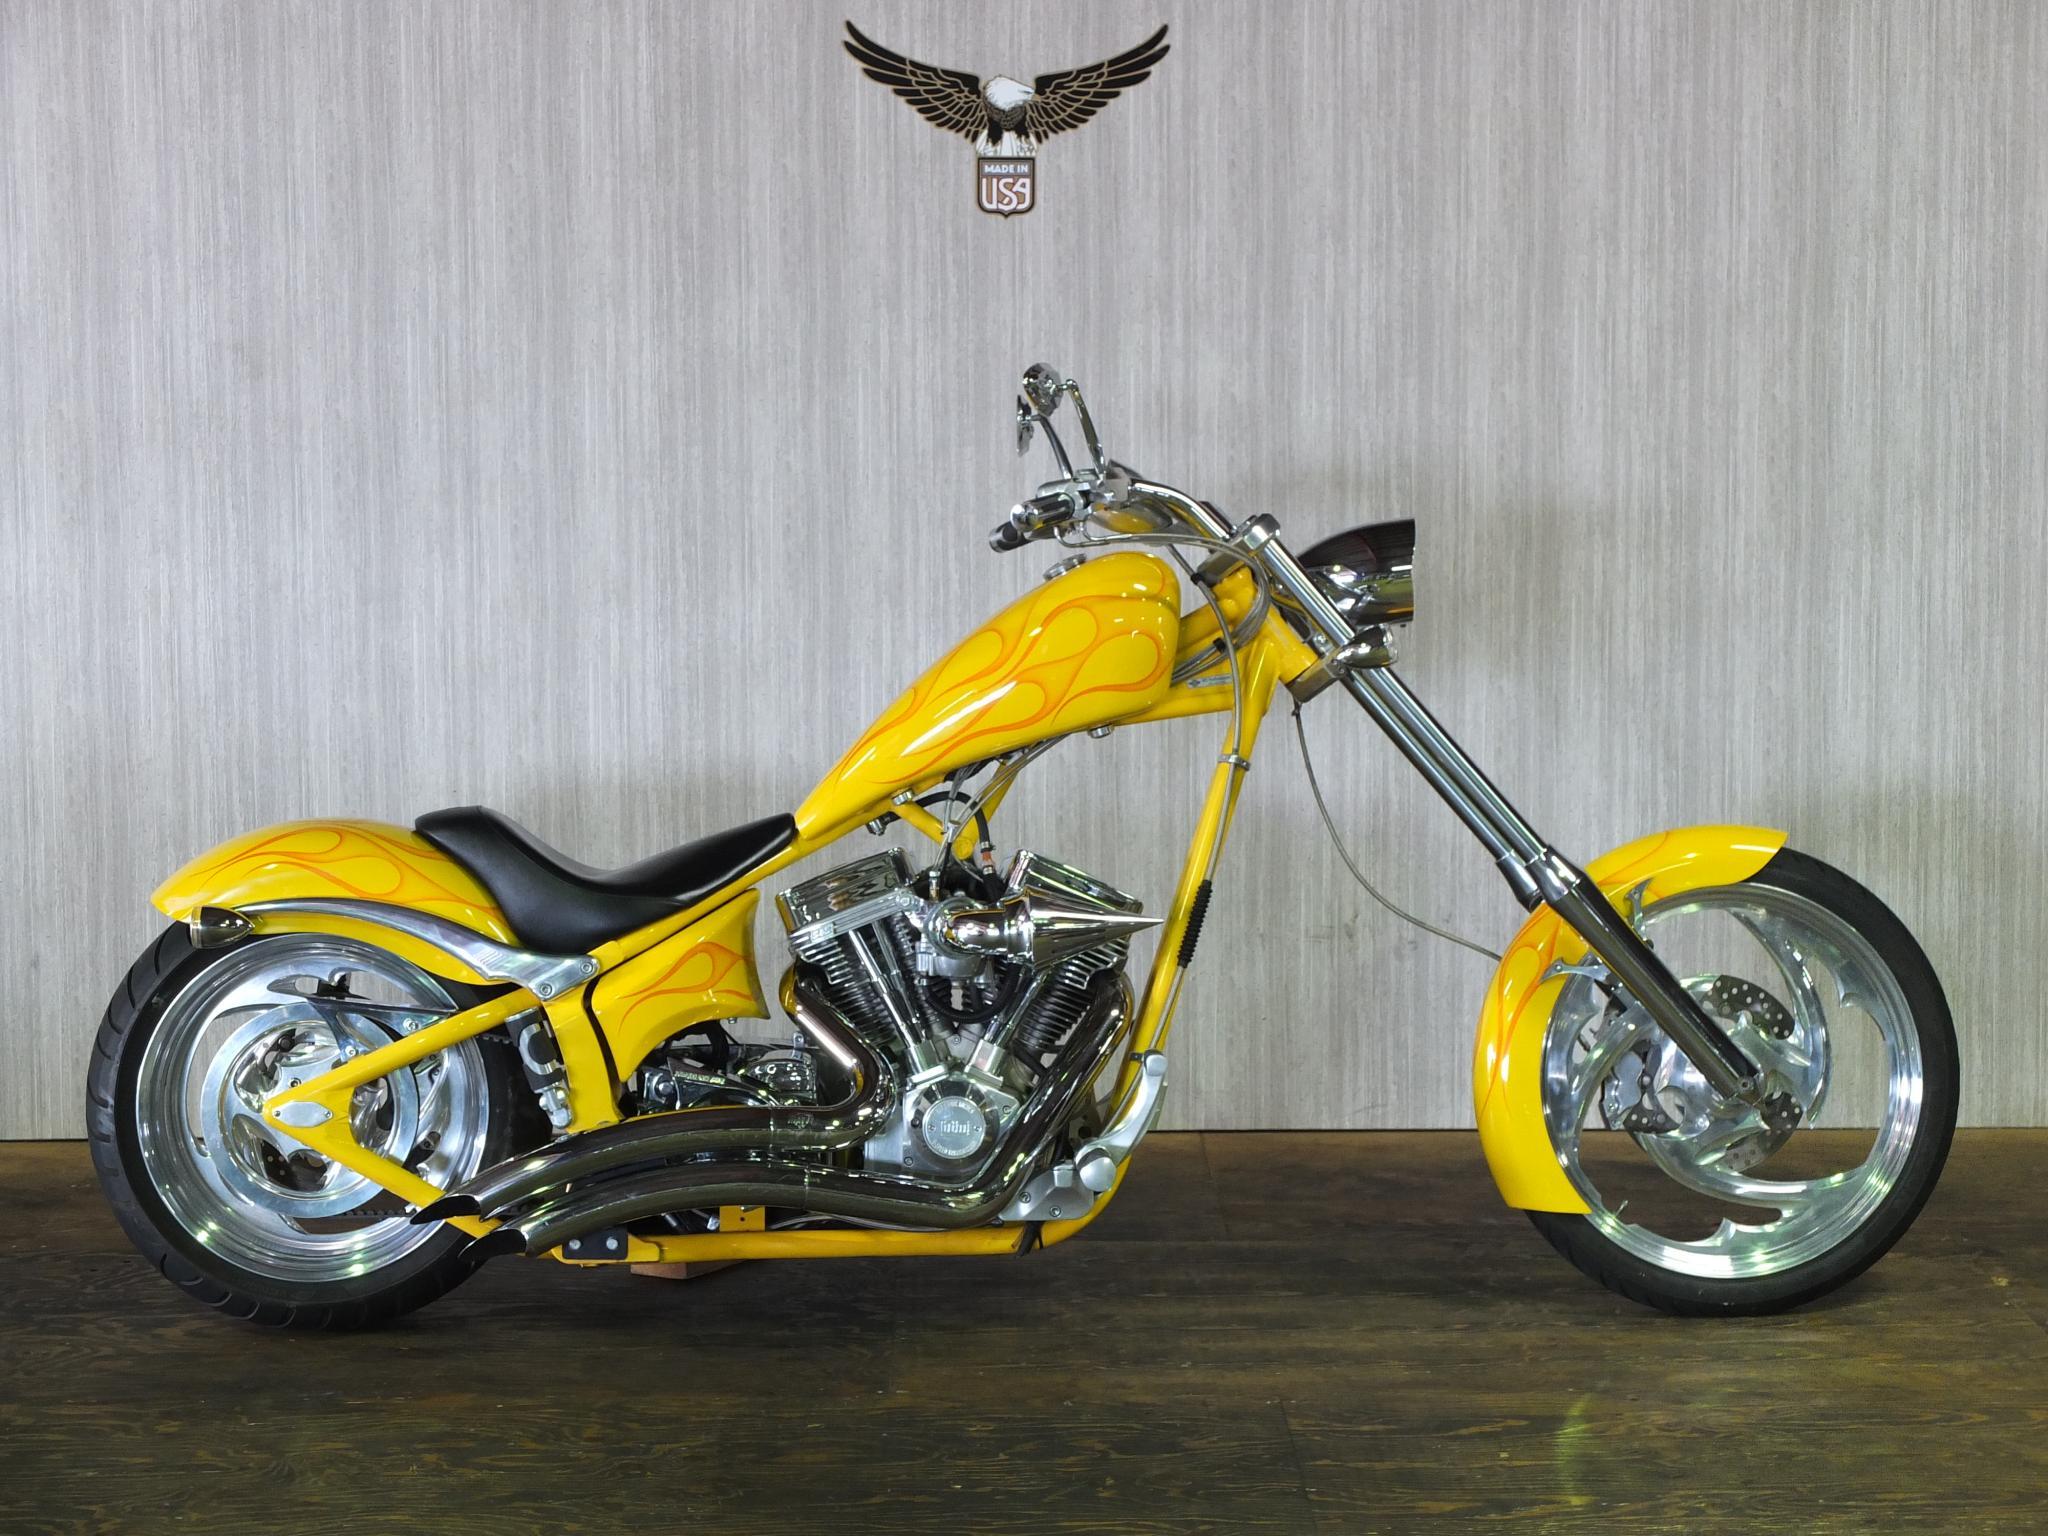 ハーレーダビッドソン 2005 Big Dog Chopper 車体写真1